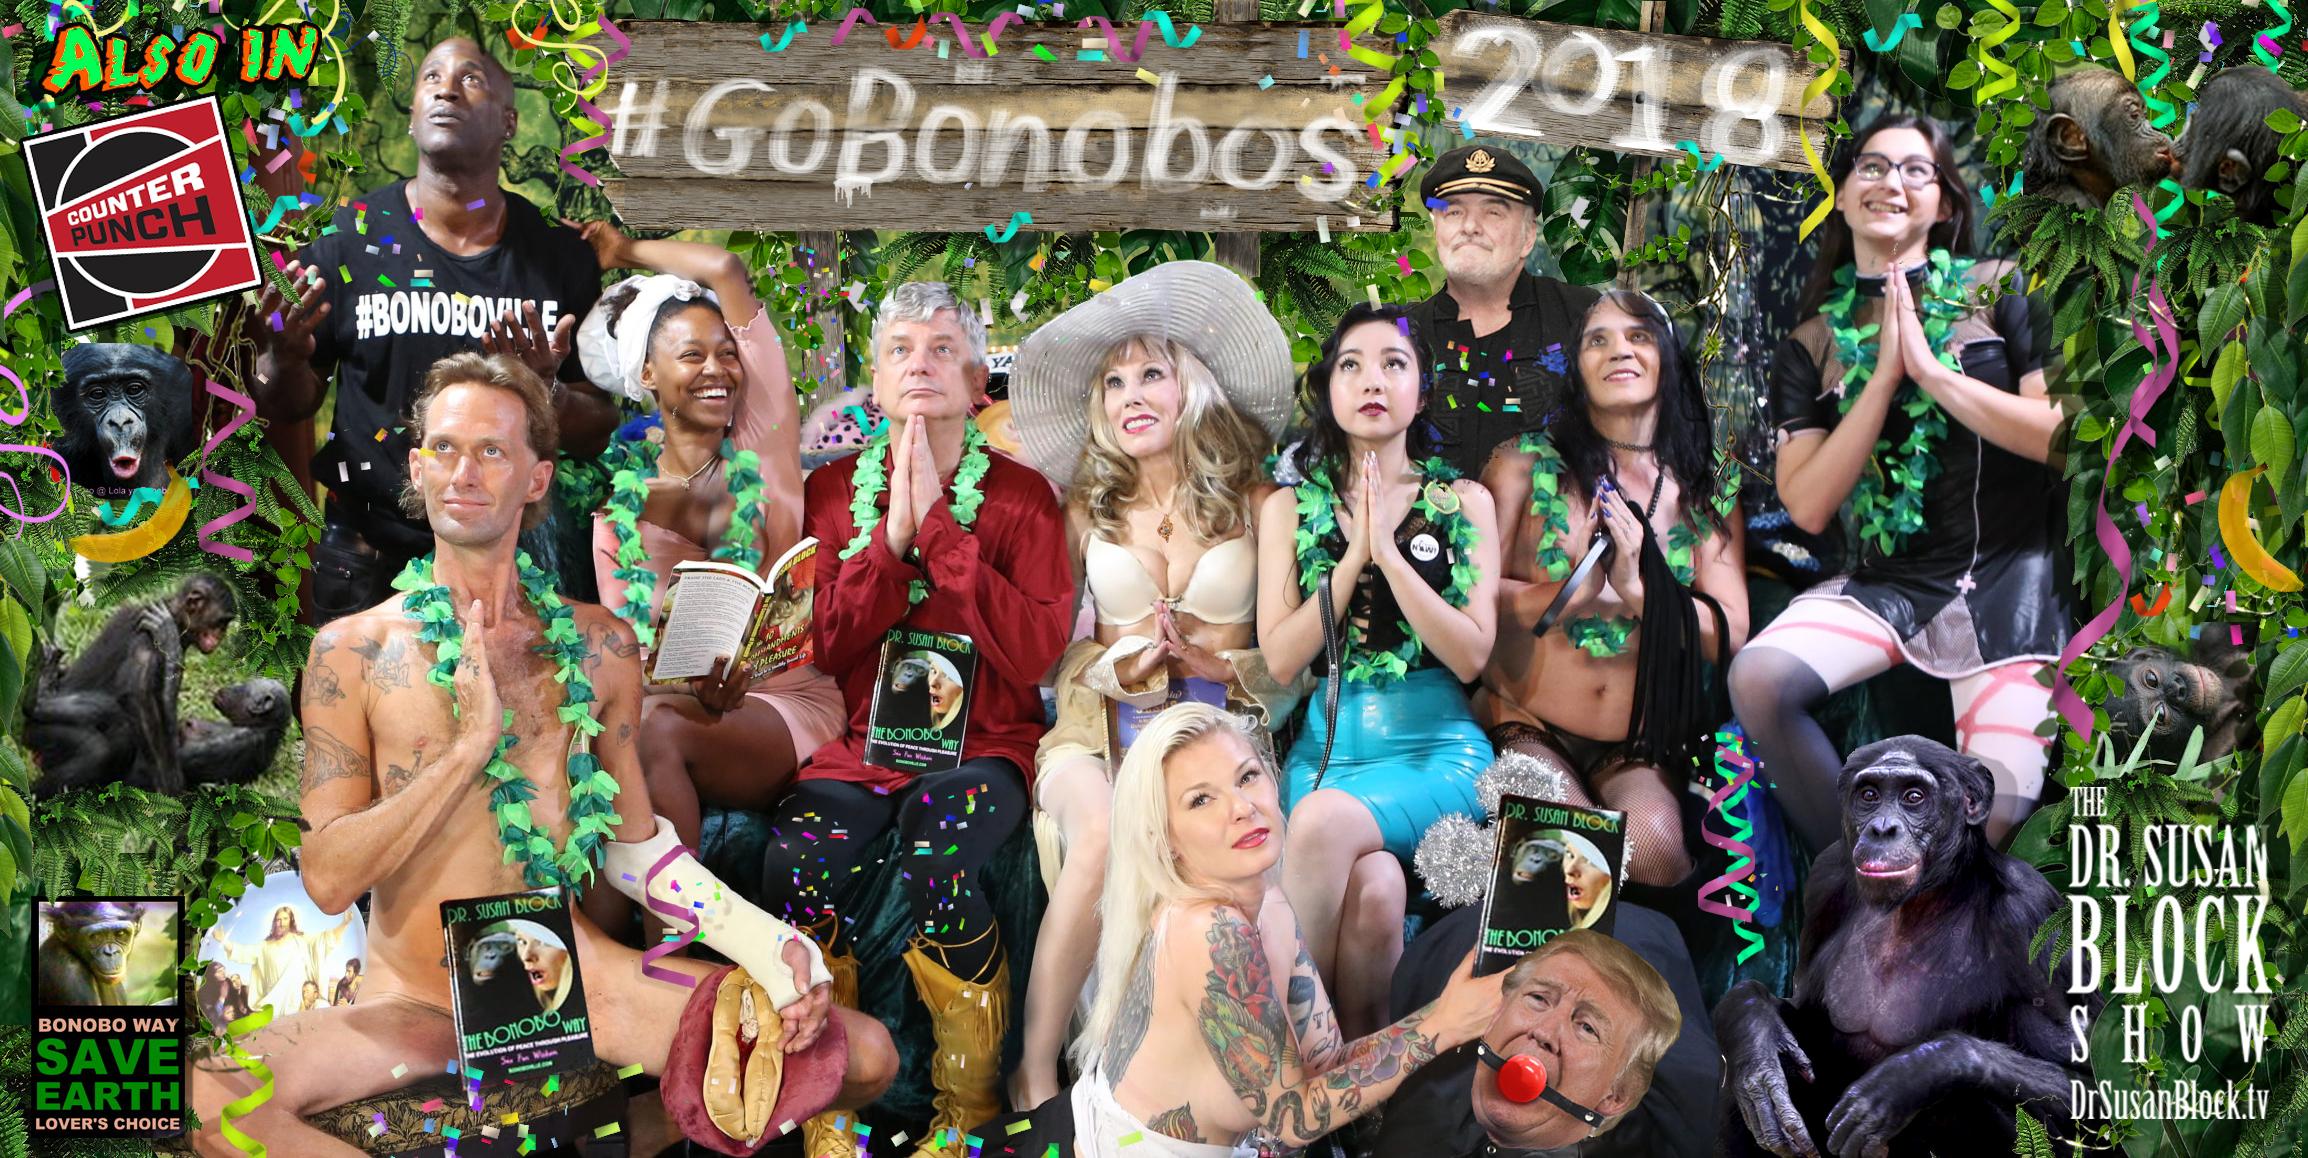 go_bonobos_2017_counterpunch